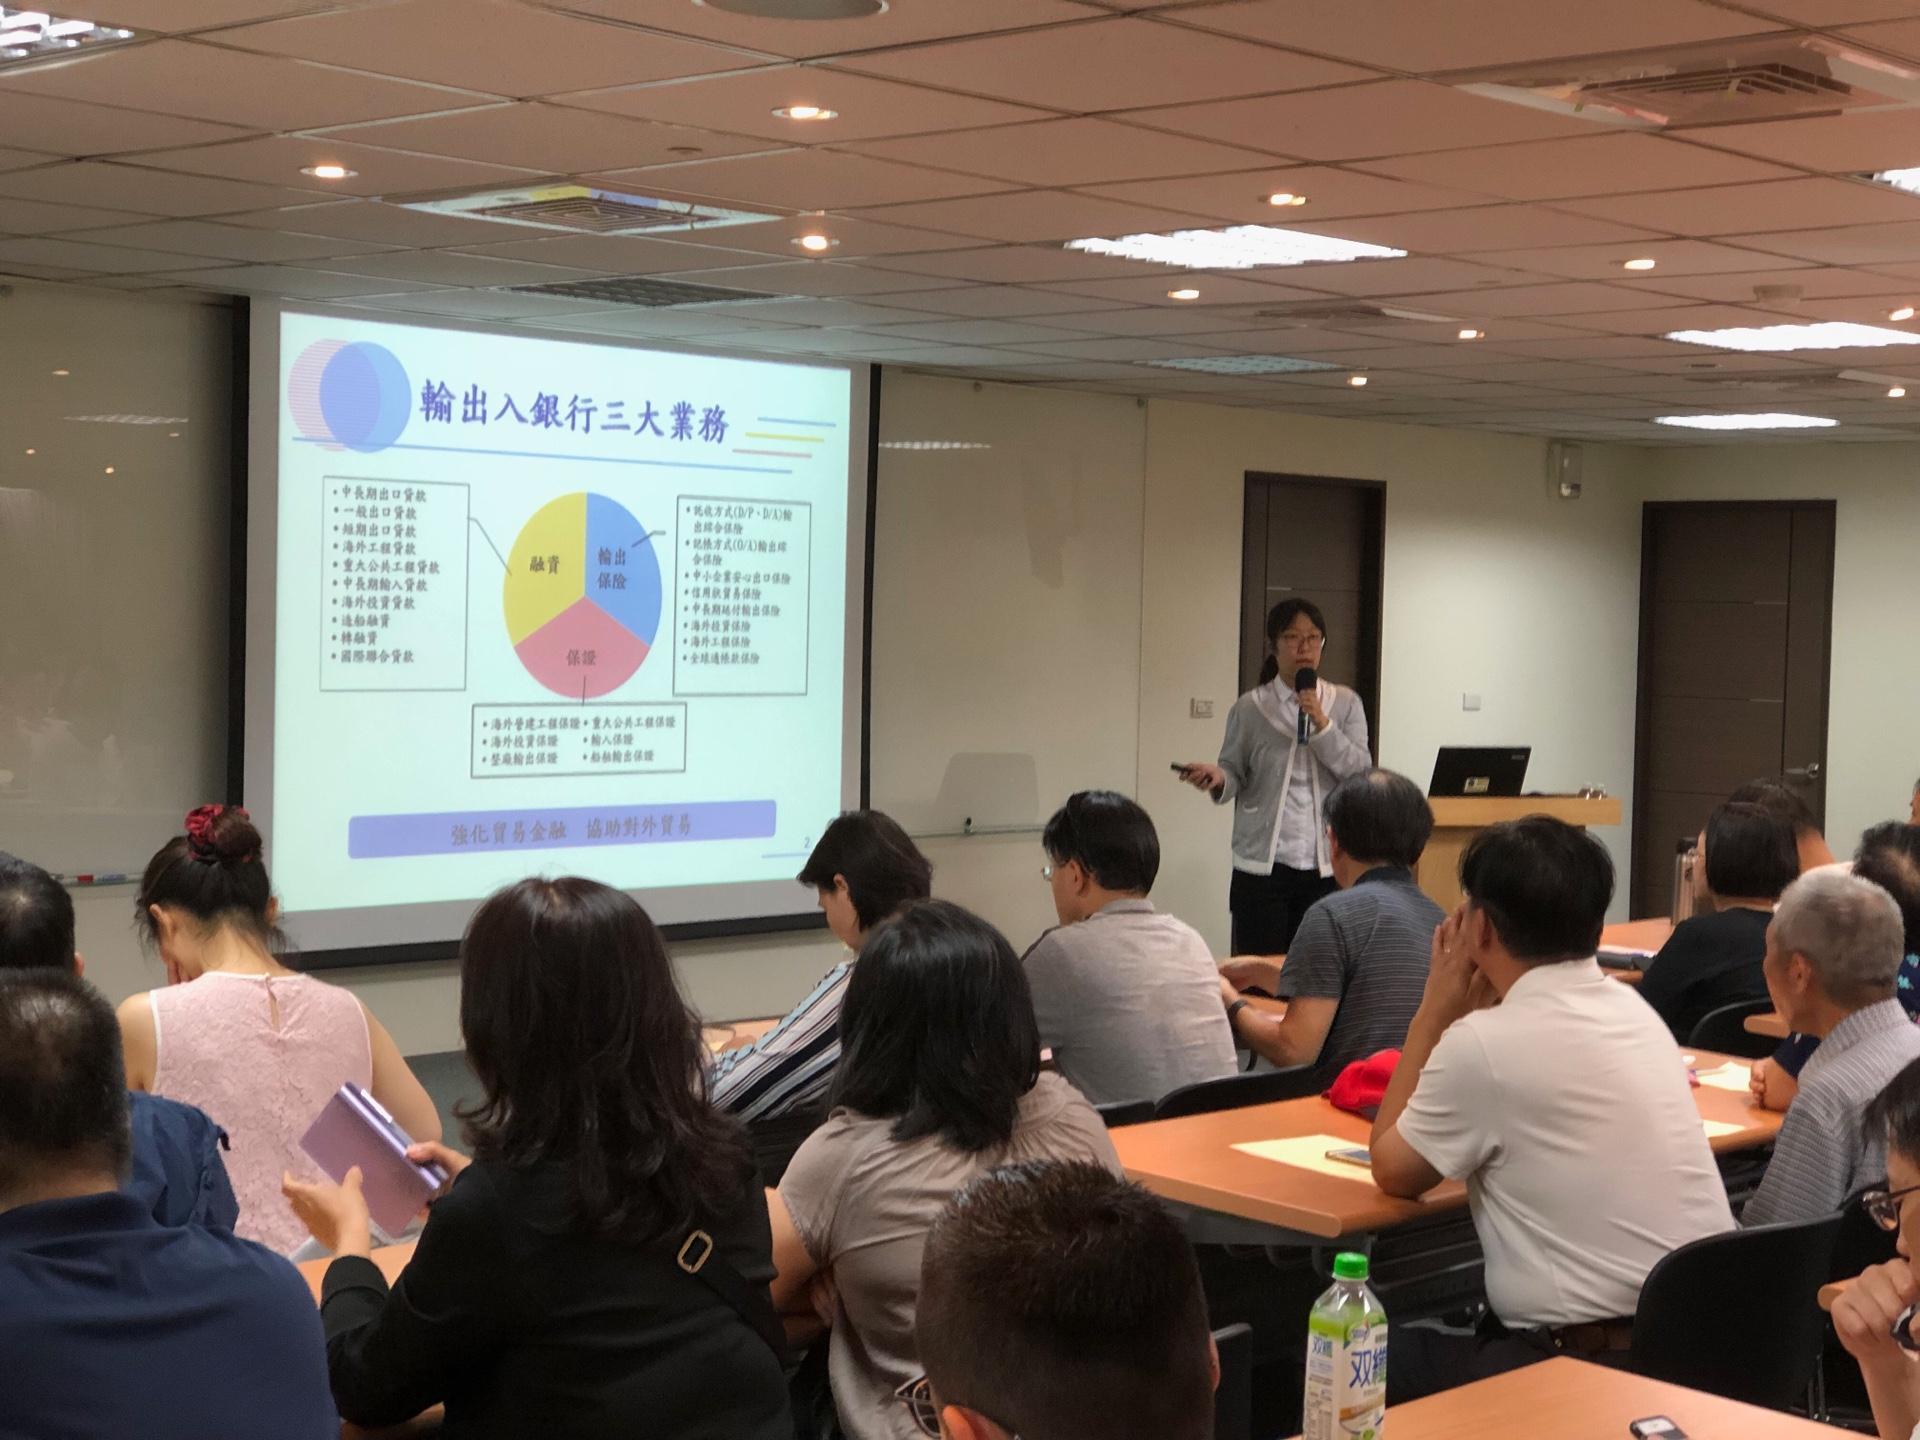 圖片說明-新竹分行與經濟部國貿局、貿協新竹辦事處於10月3日共同舉辦「中美貿易戰下的國際政經局勢」研討會